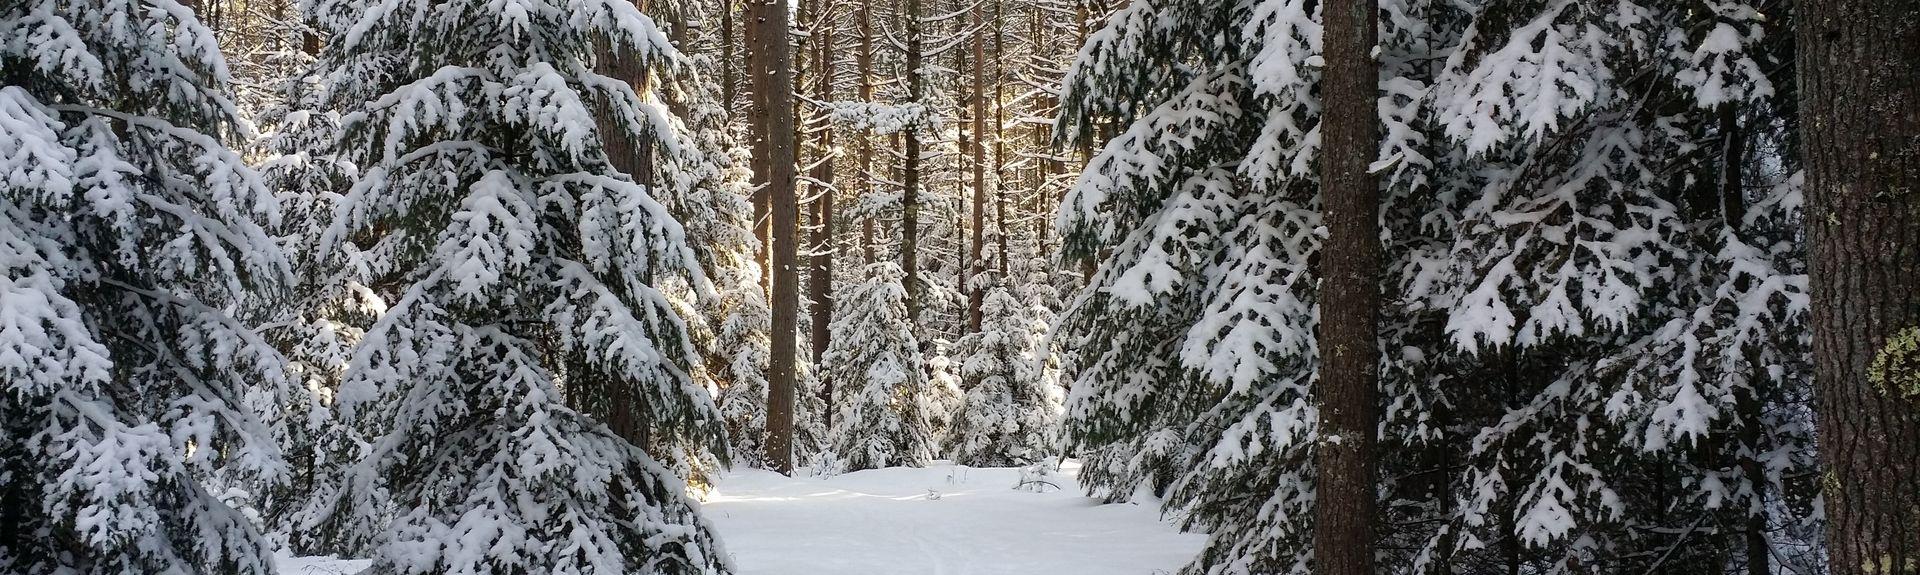 Woodruff, Wisconsin, Verenigde Staten